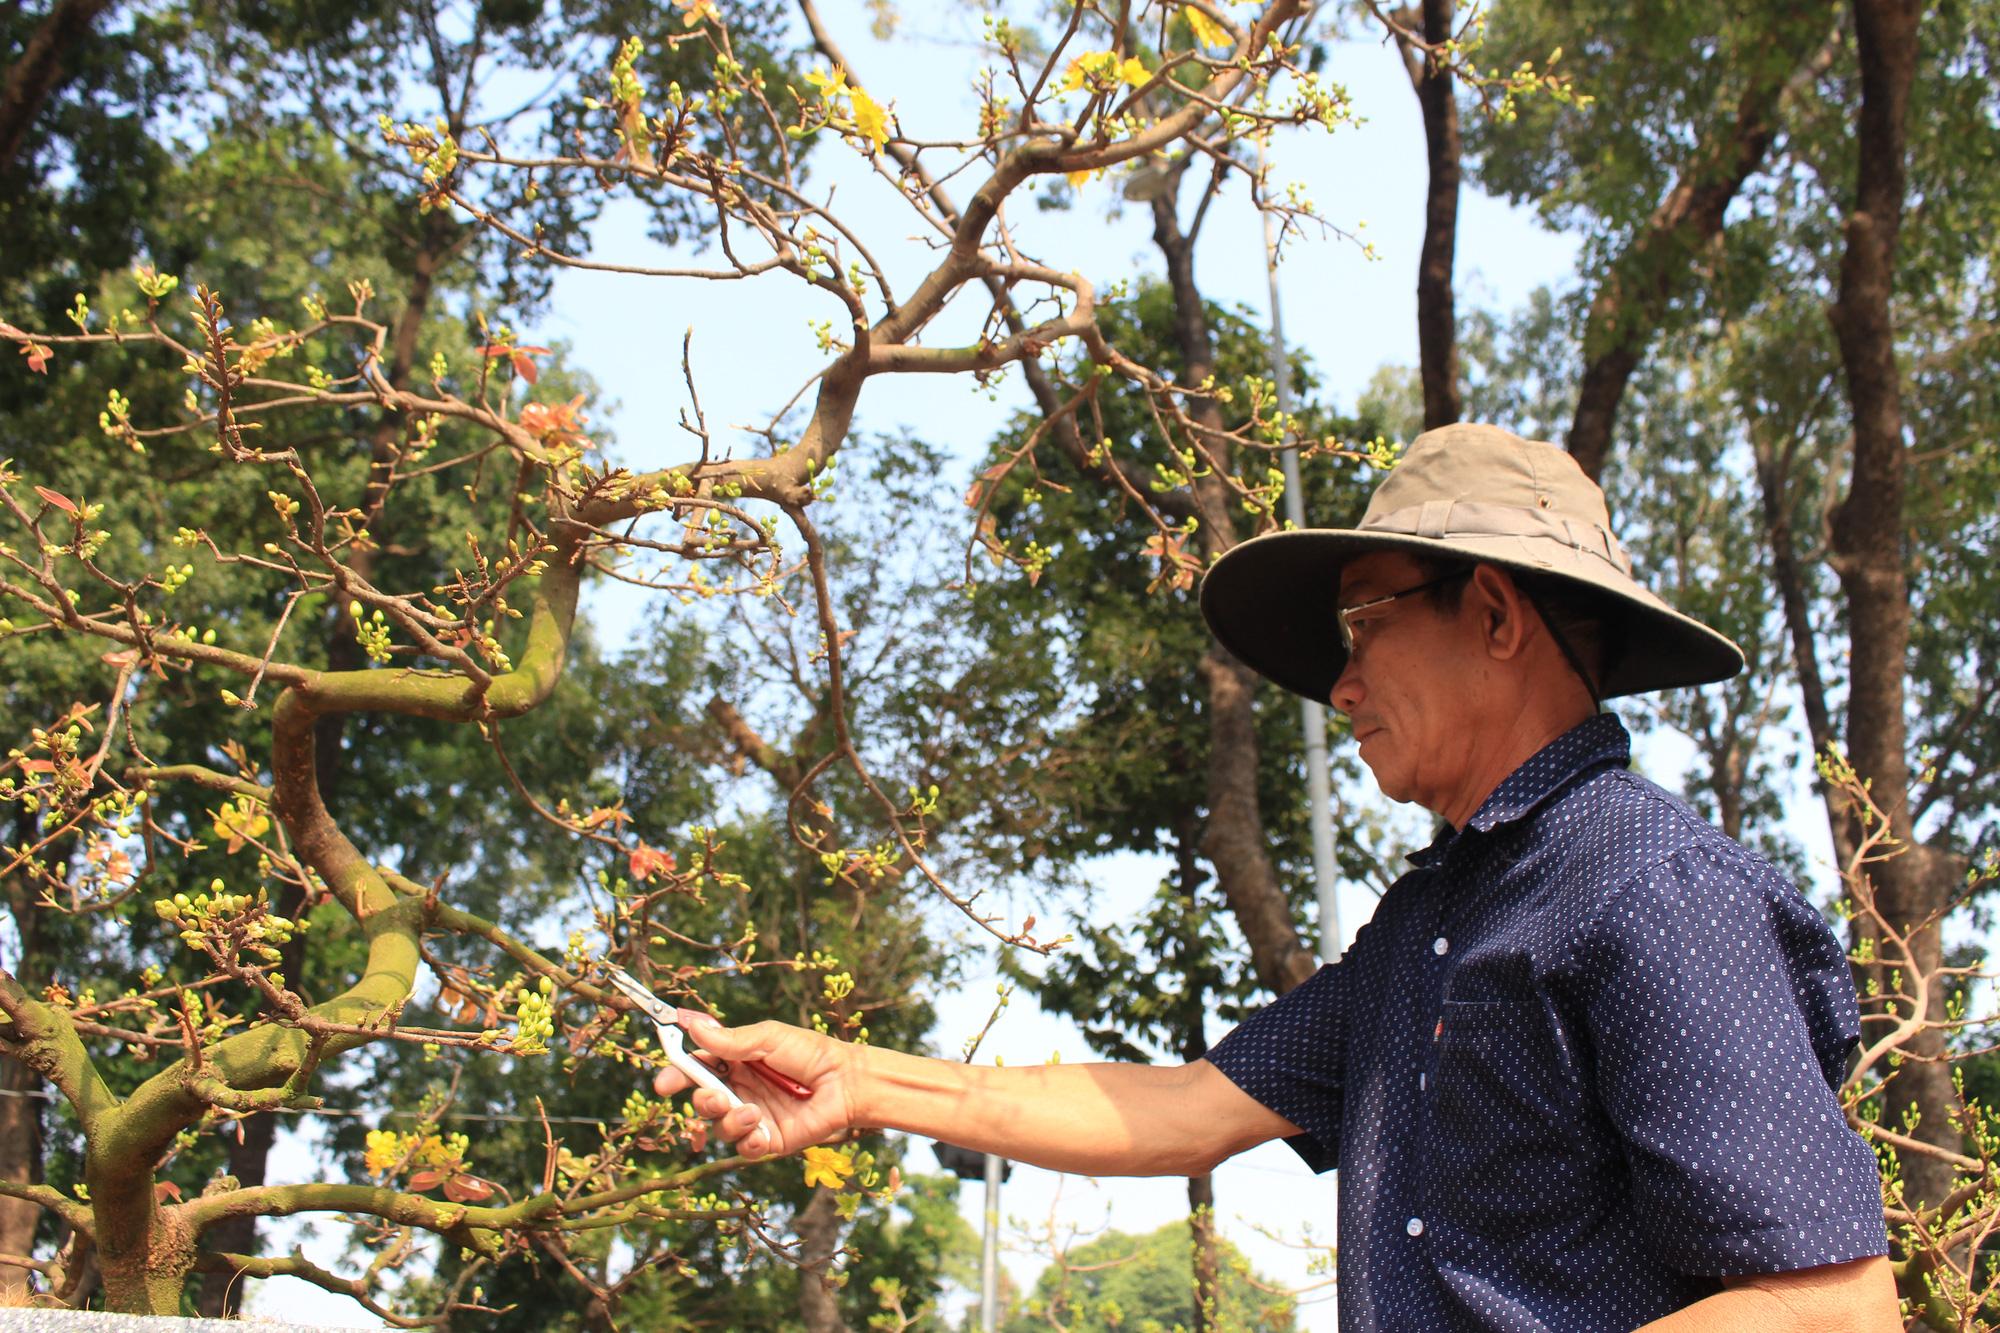 Mai Sài Gòn ồ ạt ra chợ, đi máy bay ra Hà Nội, sang Campuchia với giá hàng chục triệu đồng - Ảnh 3.